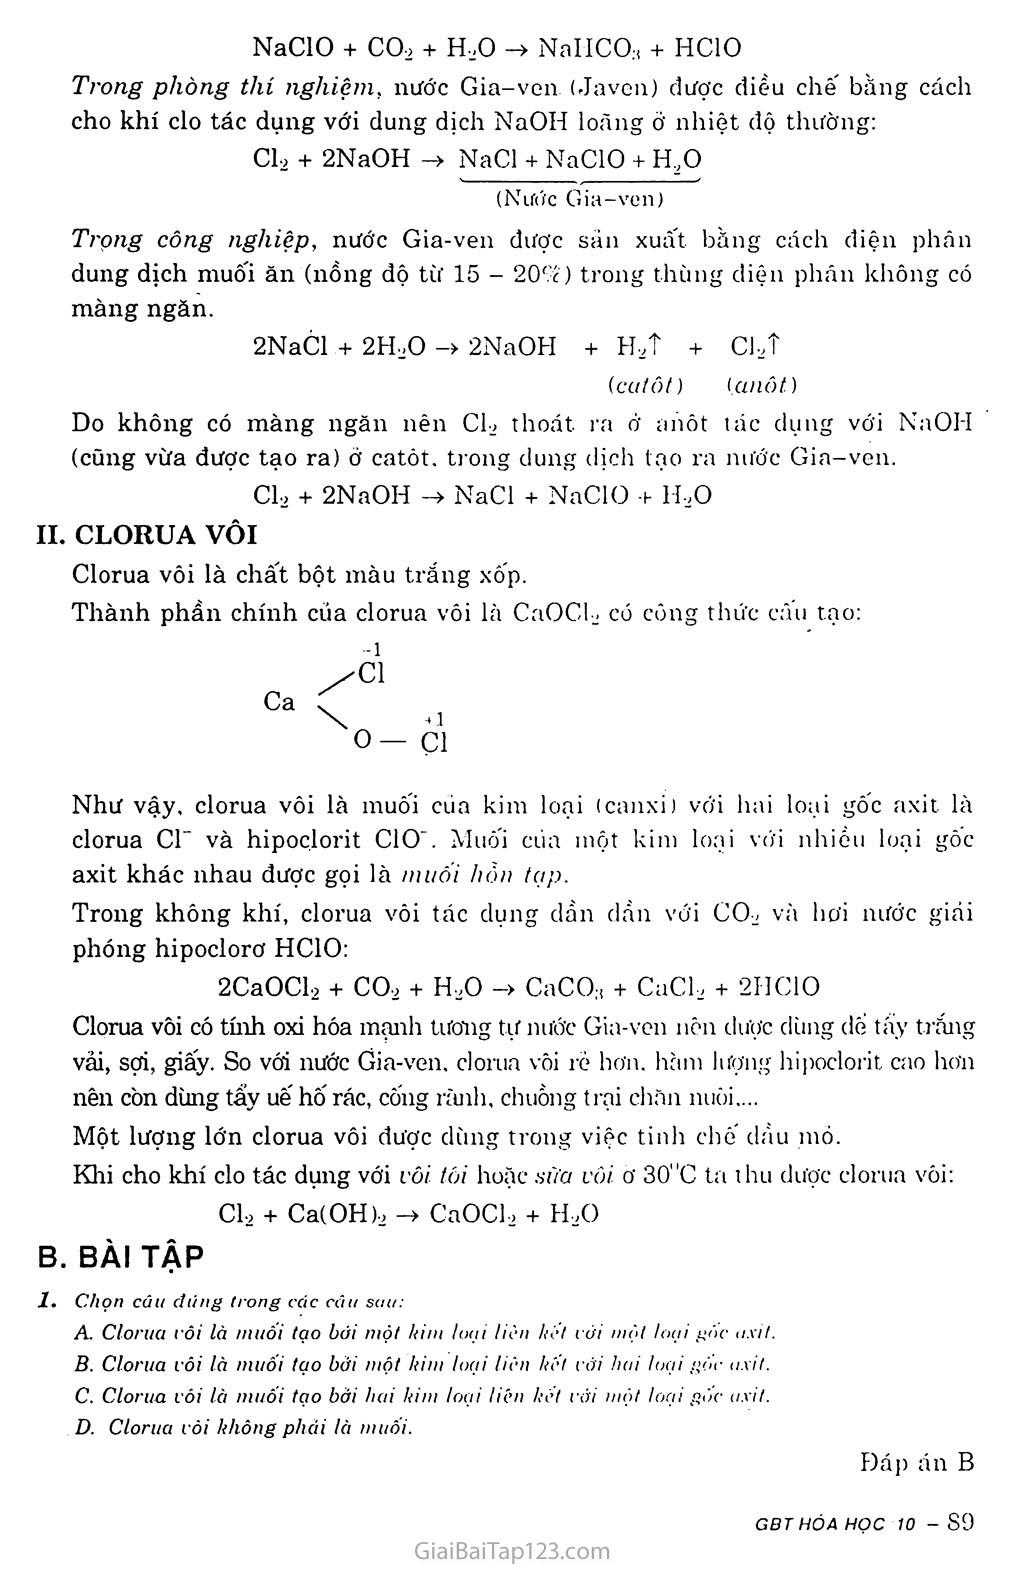 Bài 24: Sơ lược về hợp chất có oxi của clo trang 2